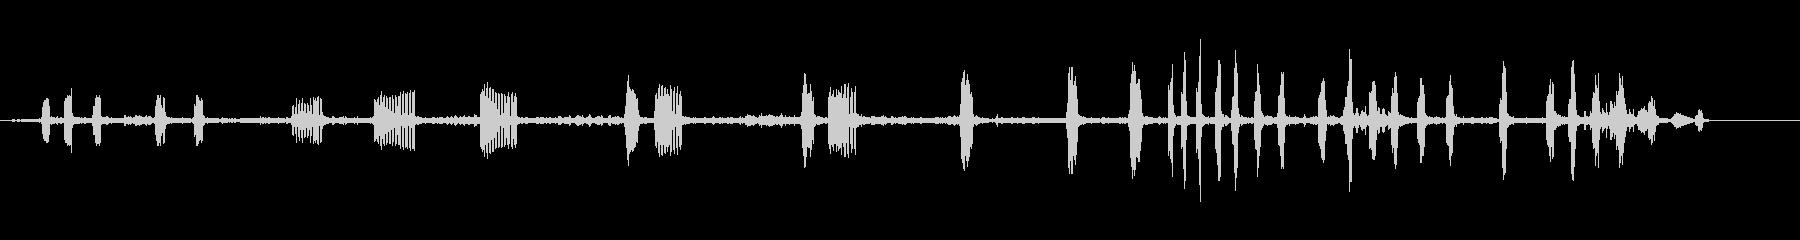 ブルークライマーパイカタンクの未再生の波形